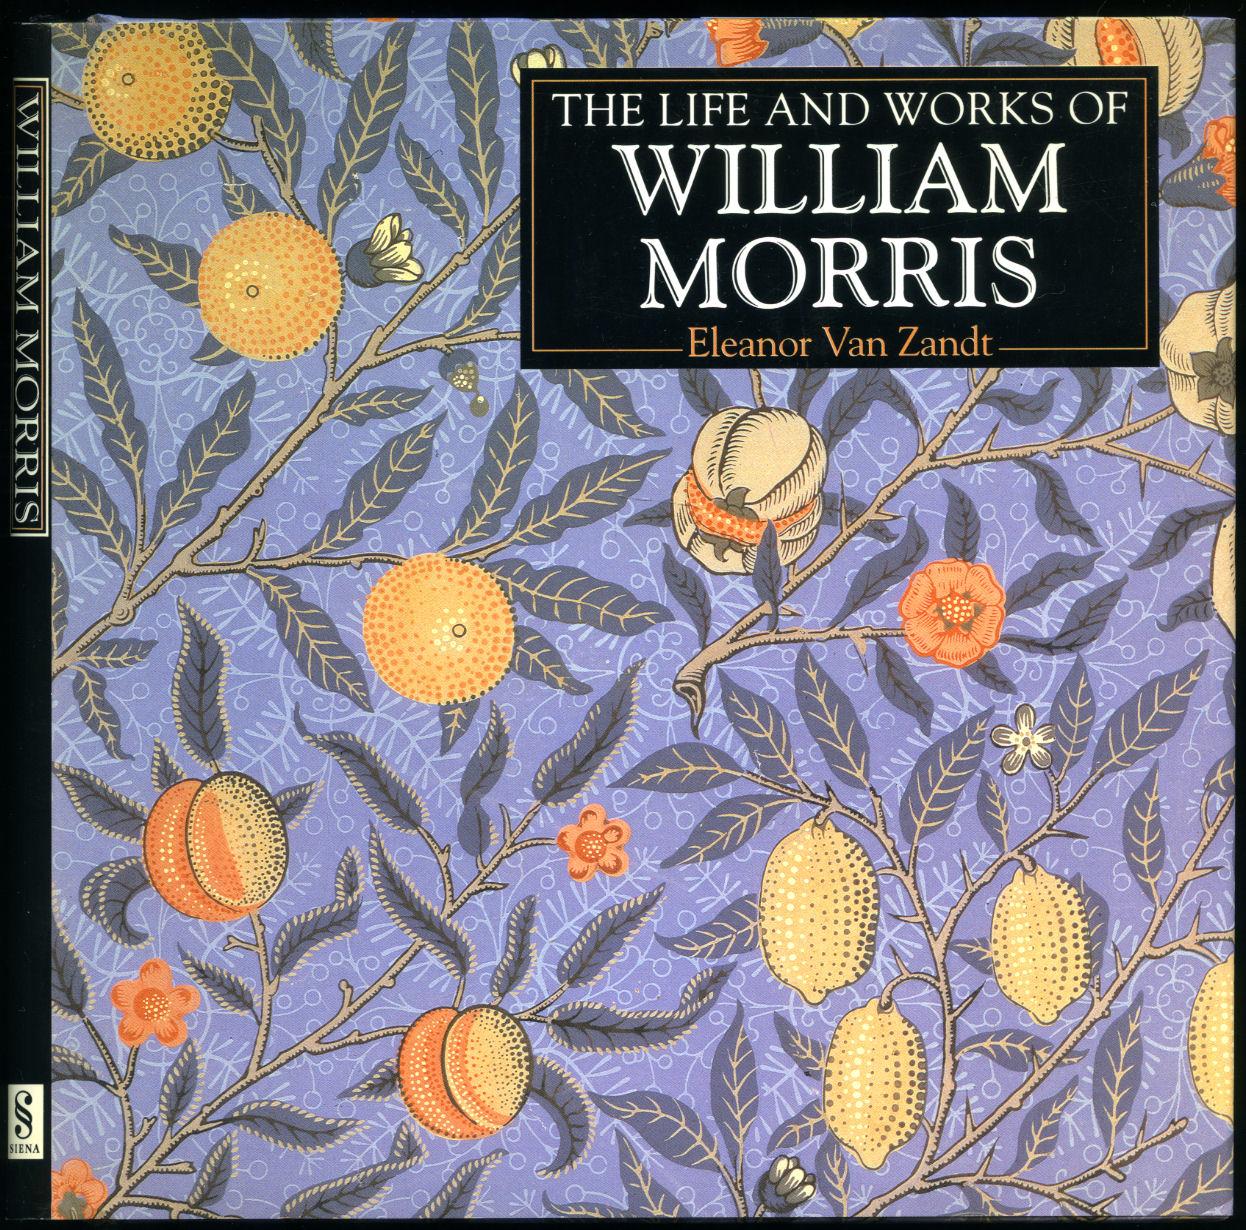 ZANDT, ELEANOR VAN [WILLIAM MORRIS] - The Life and Works of William Morris